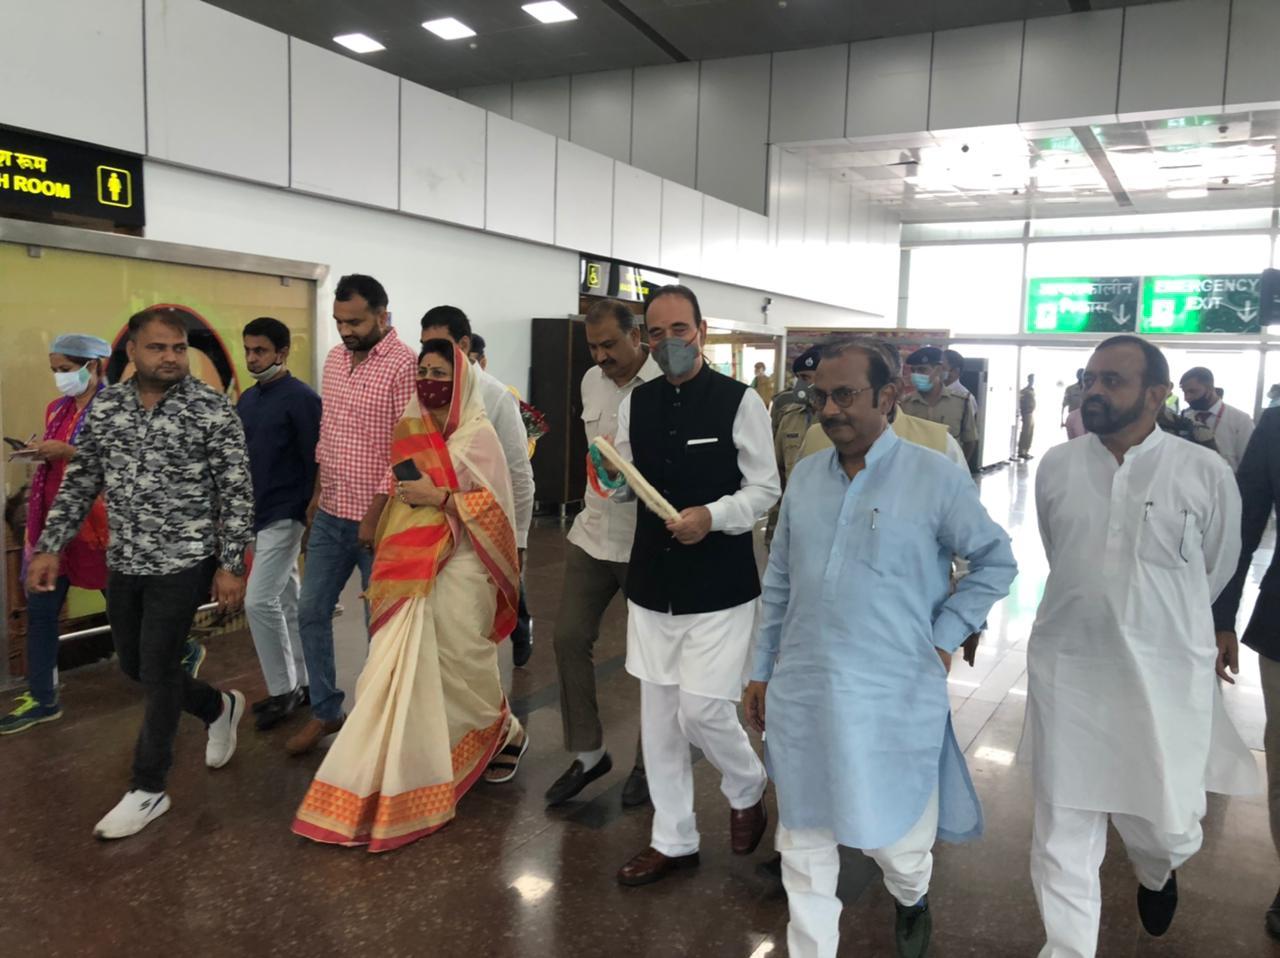 गुलाम नबी आजाद जयपुर पहुंच गए हैं। एयरपोर्ट पर कांग्रेस नेताओं ने स्वागत किया।